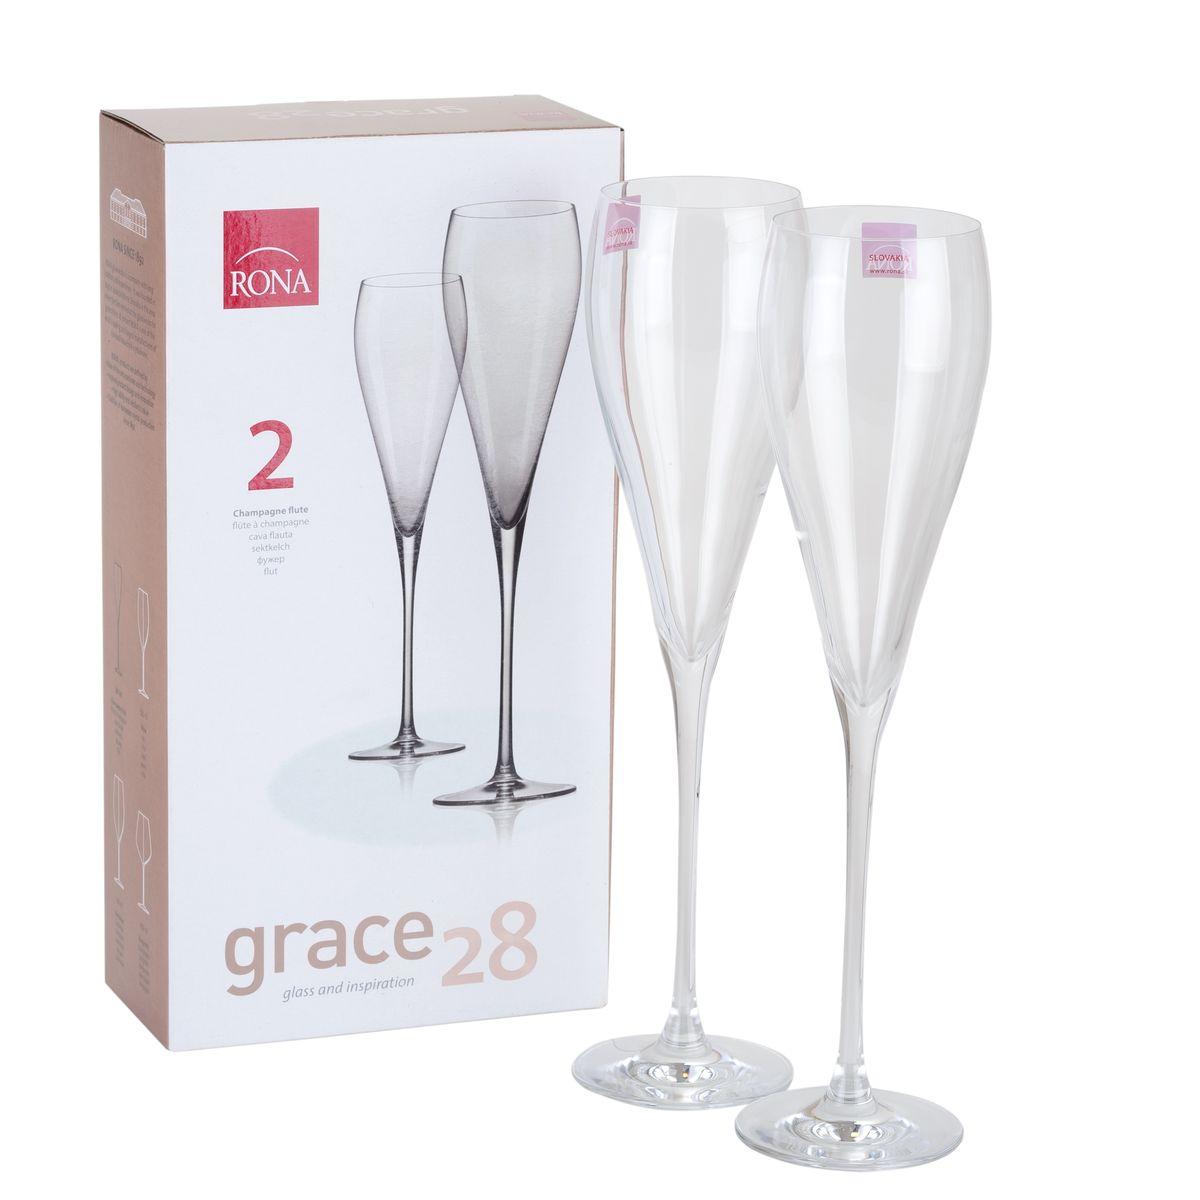 Бокал для вина упаковка 2 шт.Grace 280 мл. 6835/0/2806835/0/280Бокал для вина упаковка 2 шт. GRACE 280 мл.6835/0/280